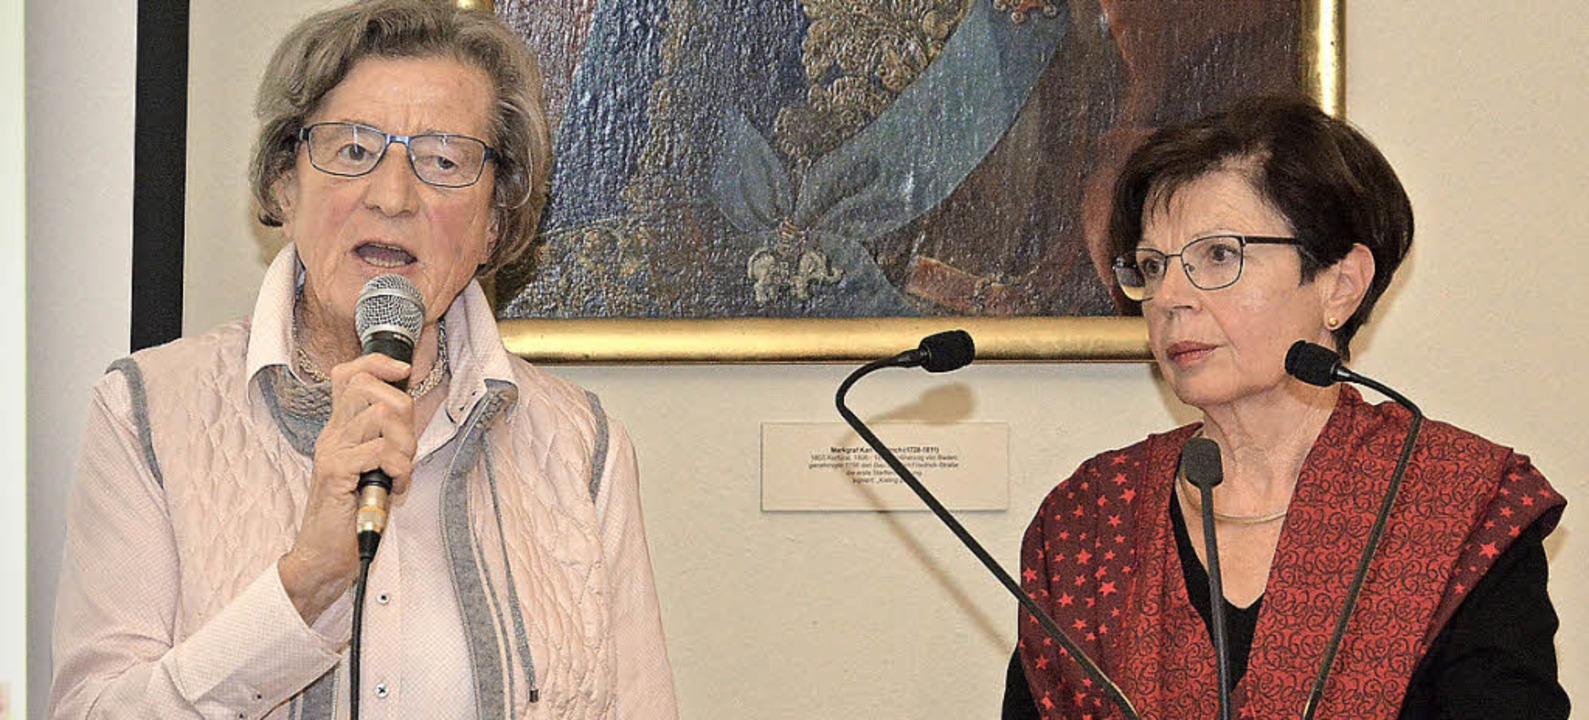 Moderatorin Christa van Husen (links) ...efen Ursula Weiss anschließend vorlas.  | Foto: Benedikt Sommer